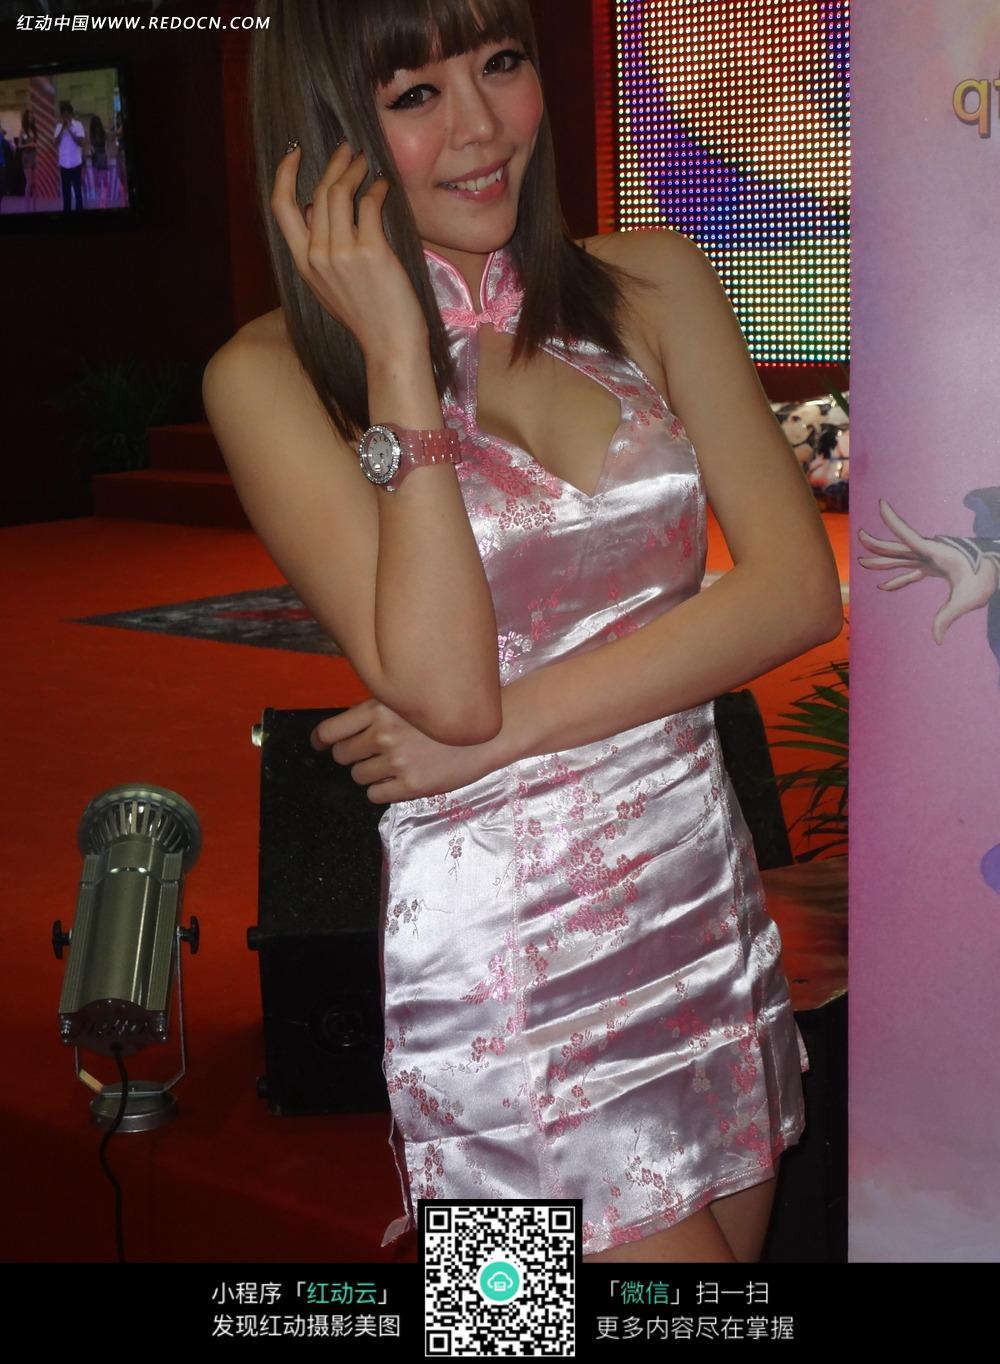 粉色性感旗袍美女照片图片